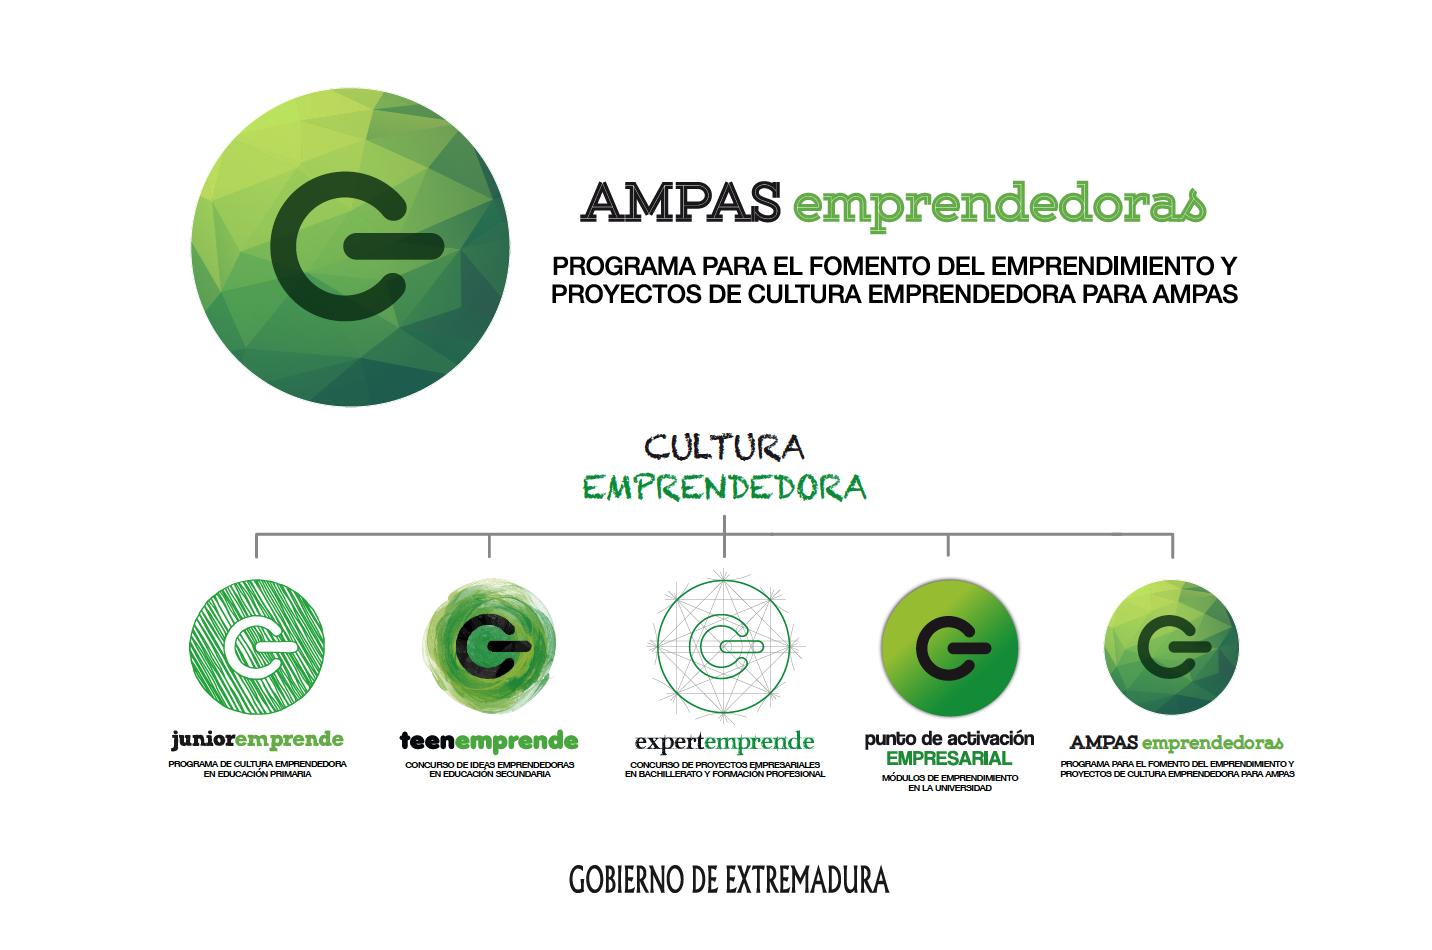 ampas emprendedoras (2)